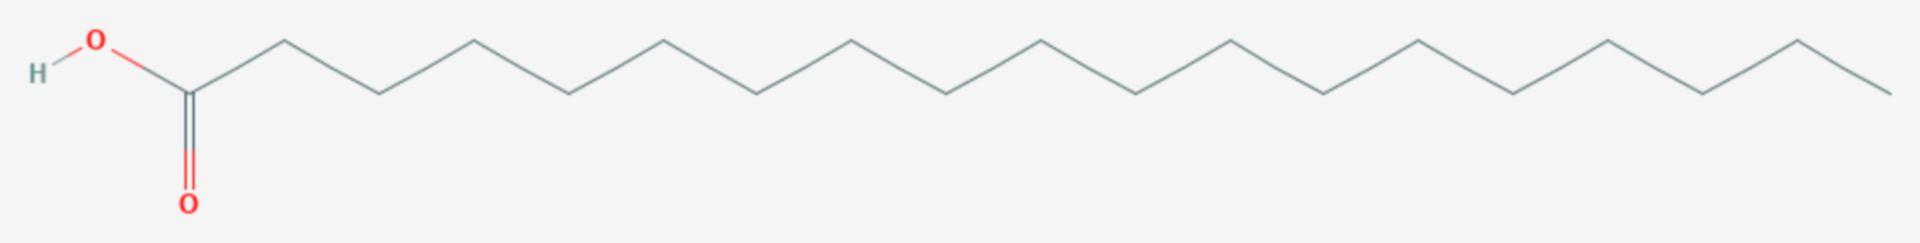 Nonadecansäure (Strukturformel)